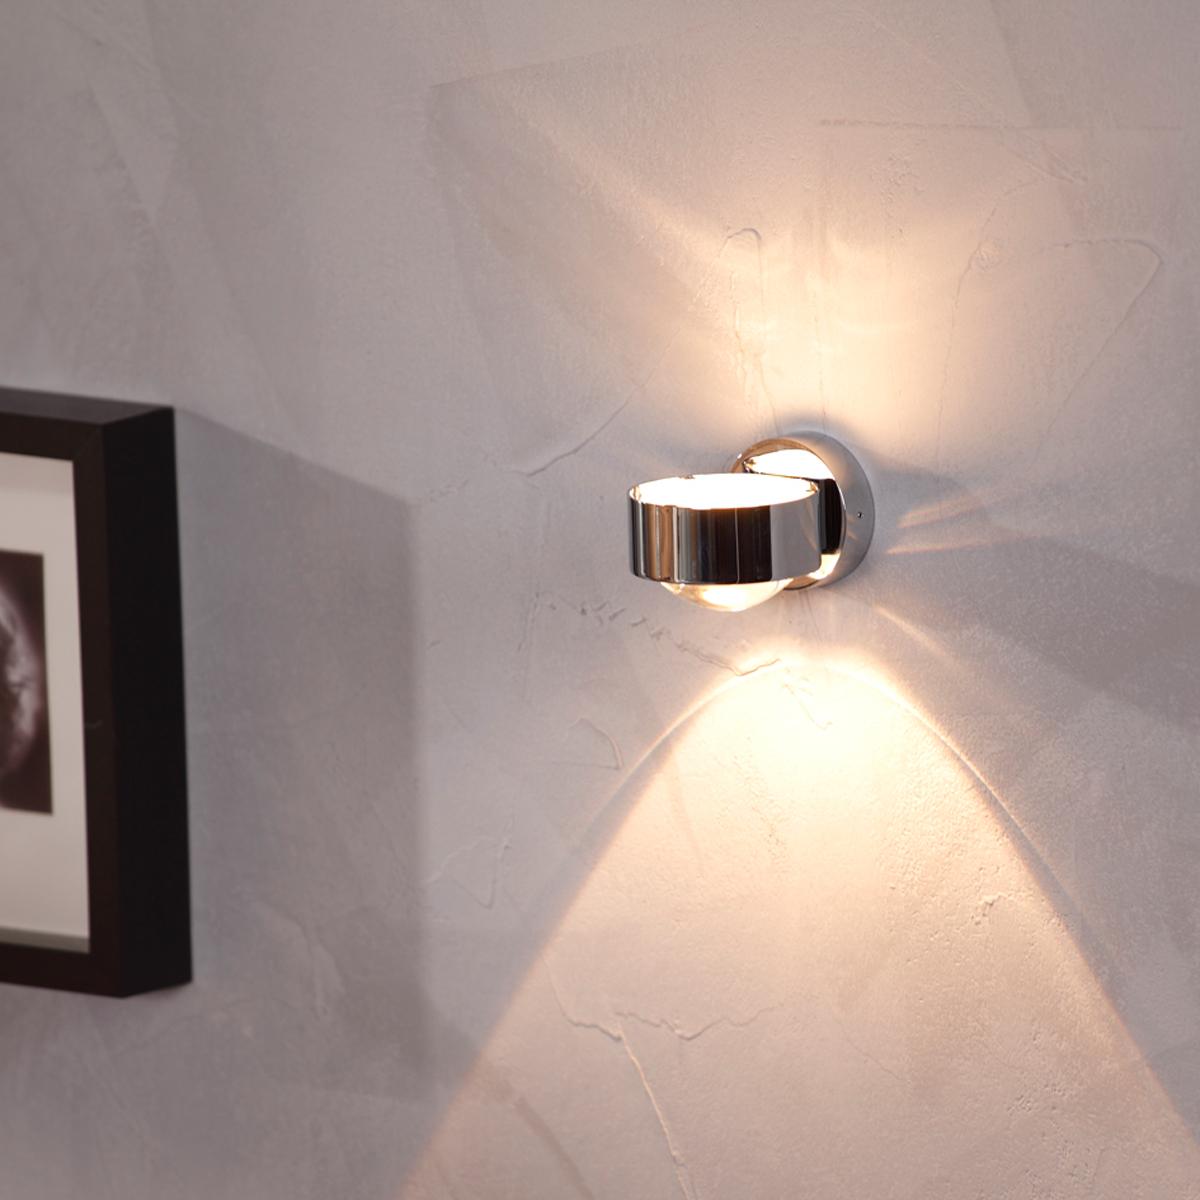 Top Light Puk Wall Wandleuchte